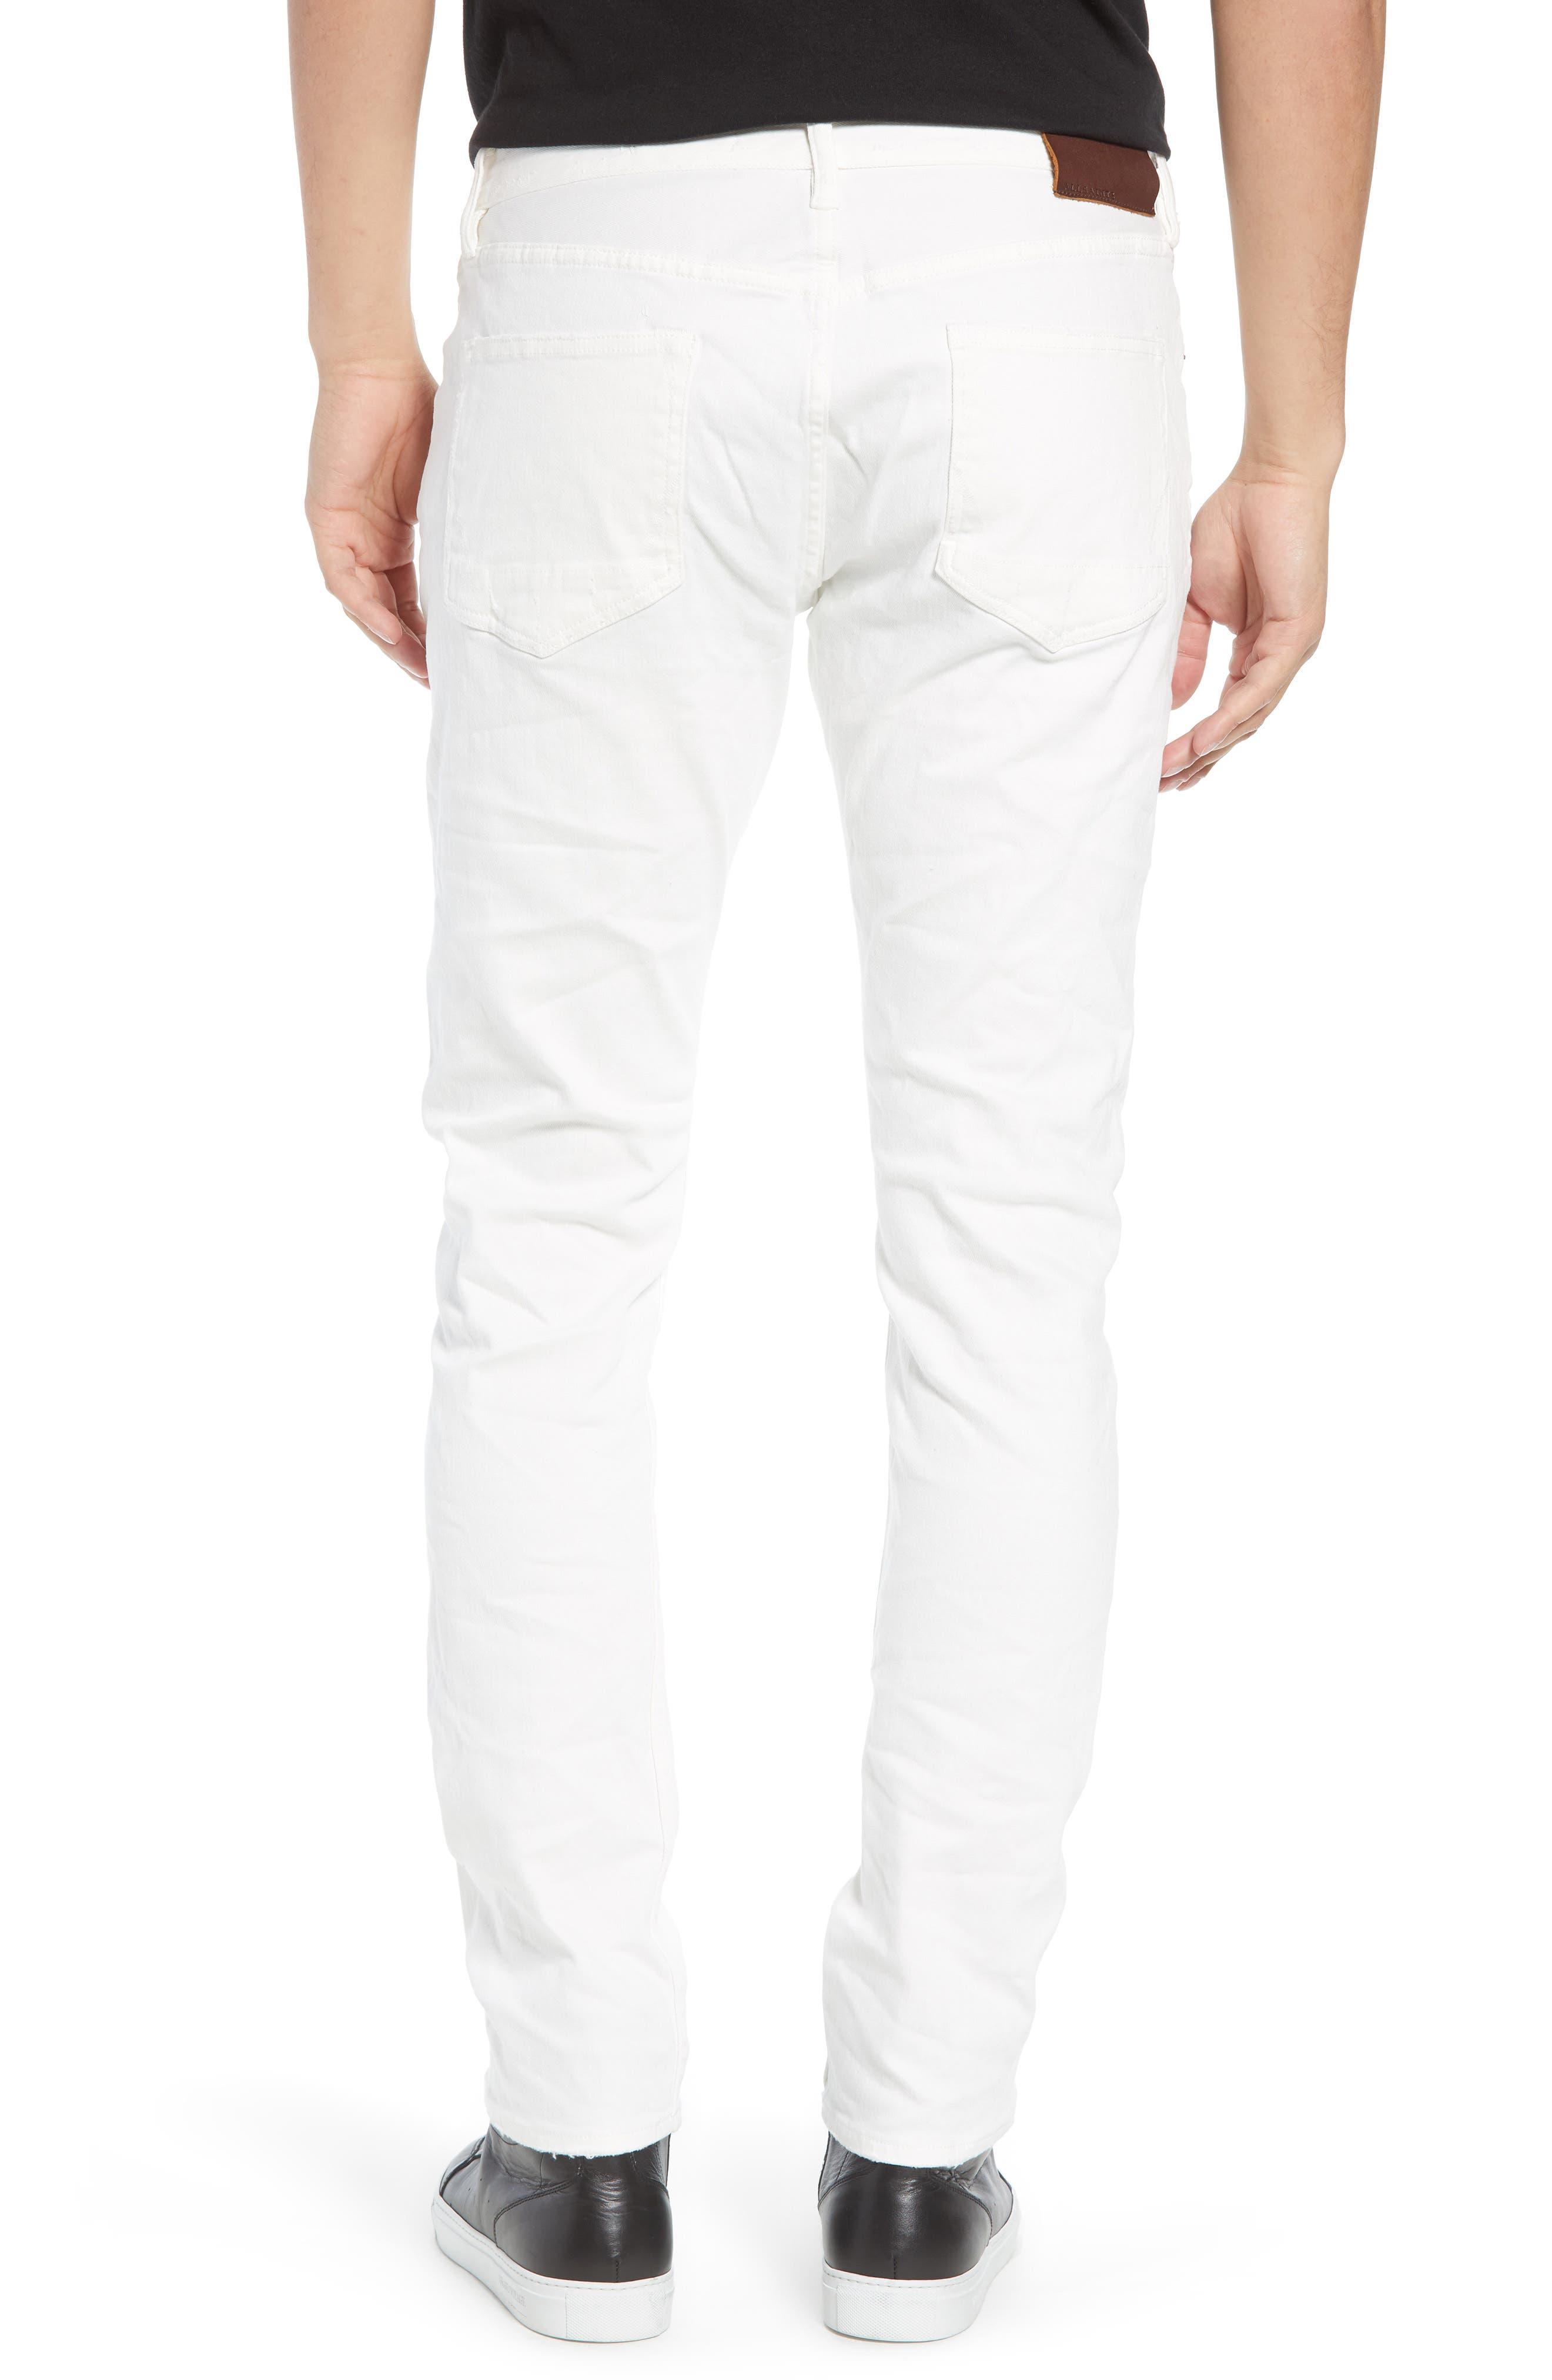 Weott Rex Slim Fit Jeans,                             Alternate thumbnail 2, color,                             100